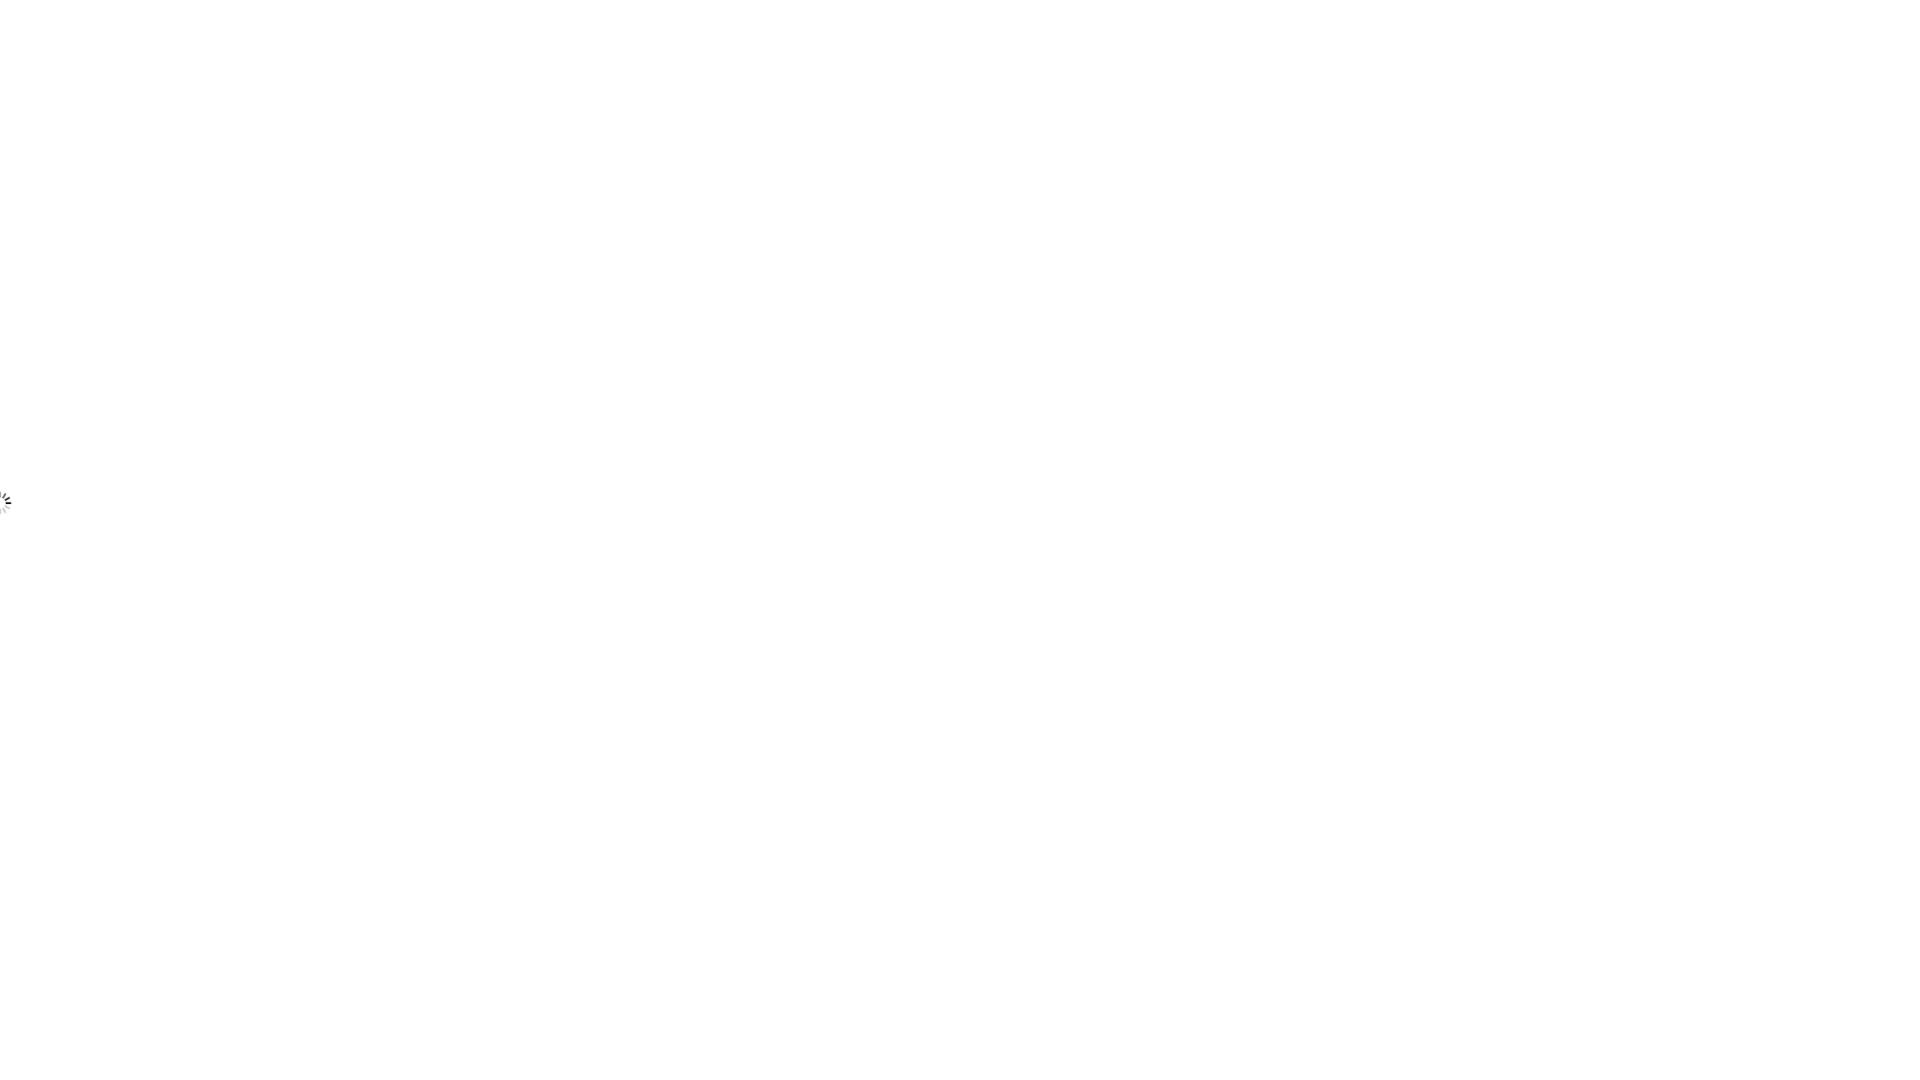 Geld zurück bei Koifootwear: Jetzt im Oktober 2021 Cashback für Koifootwear sichern